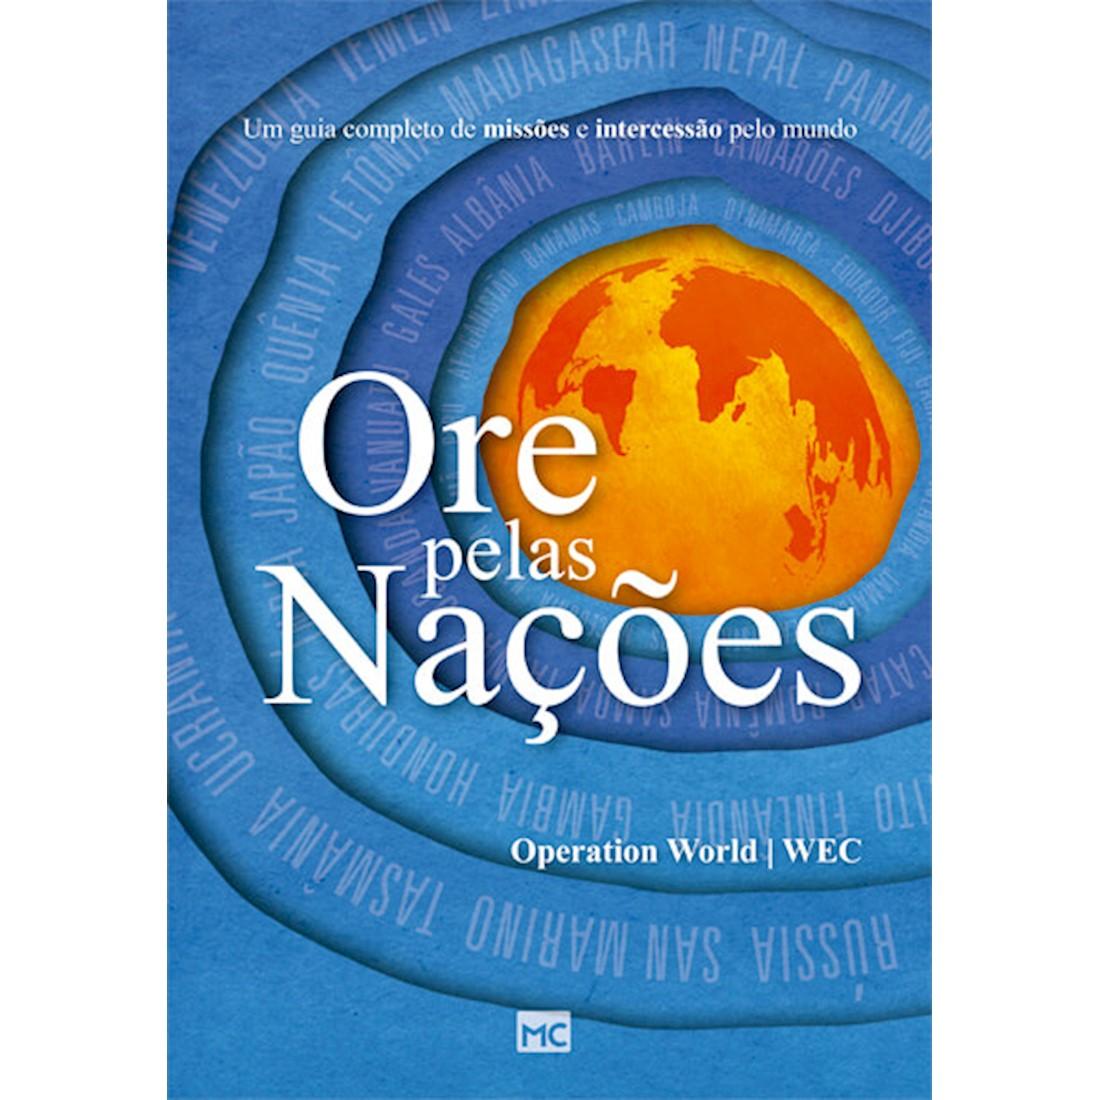 Livro Ore pelas Nações